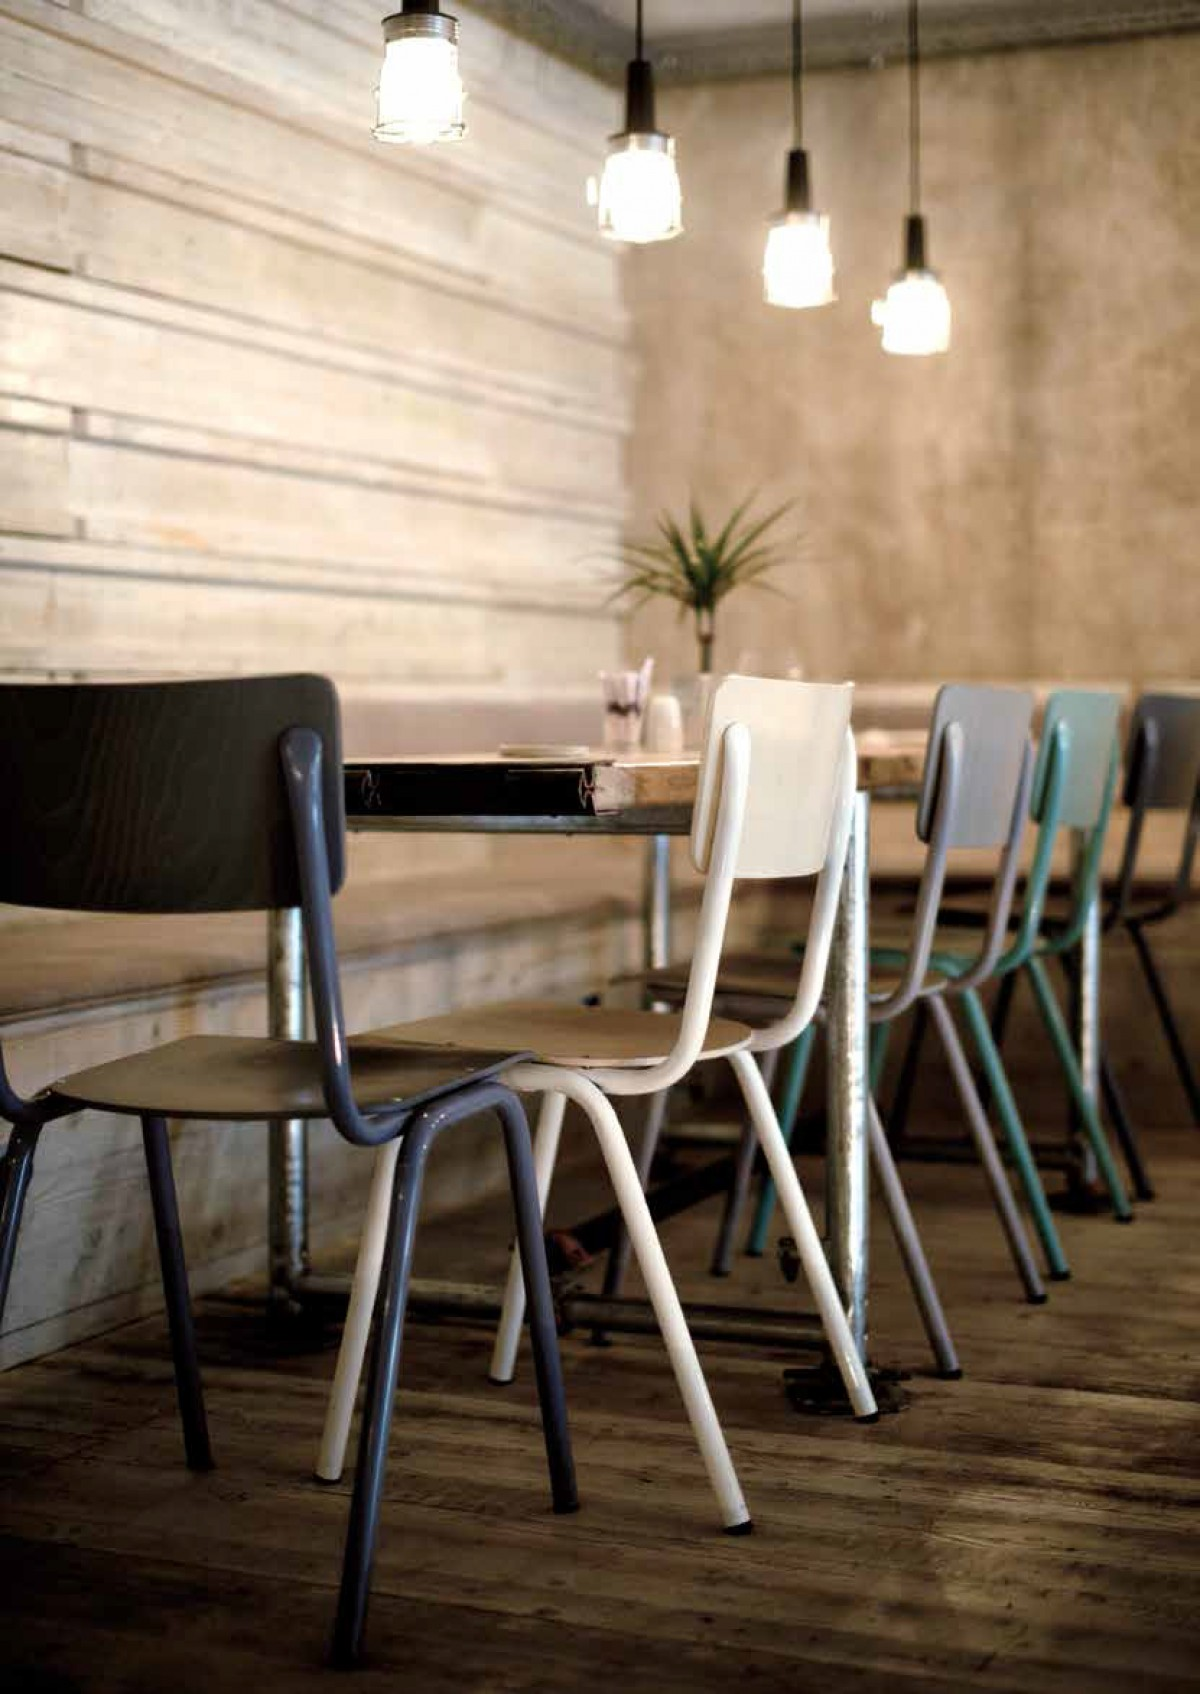 Suzanne s caf meubilair p m furniture horeca for Meubilair horeca